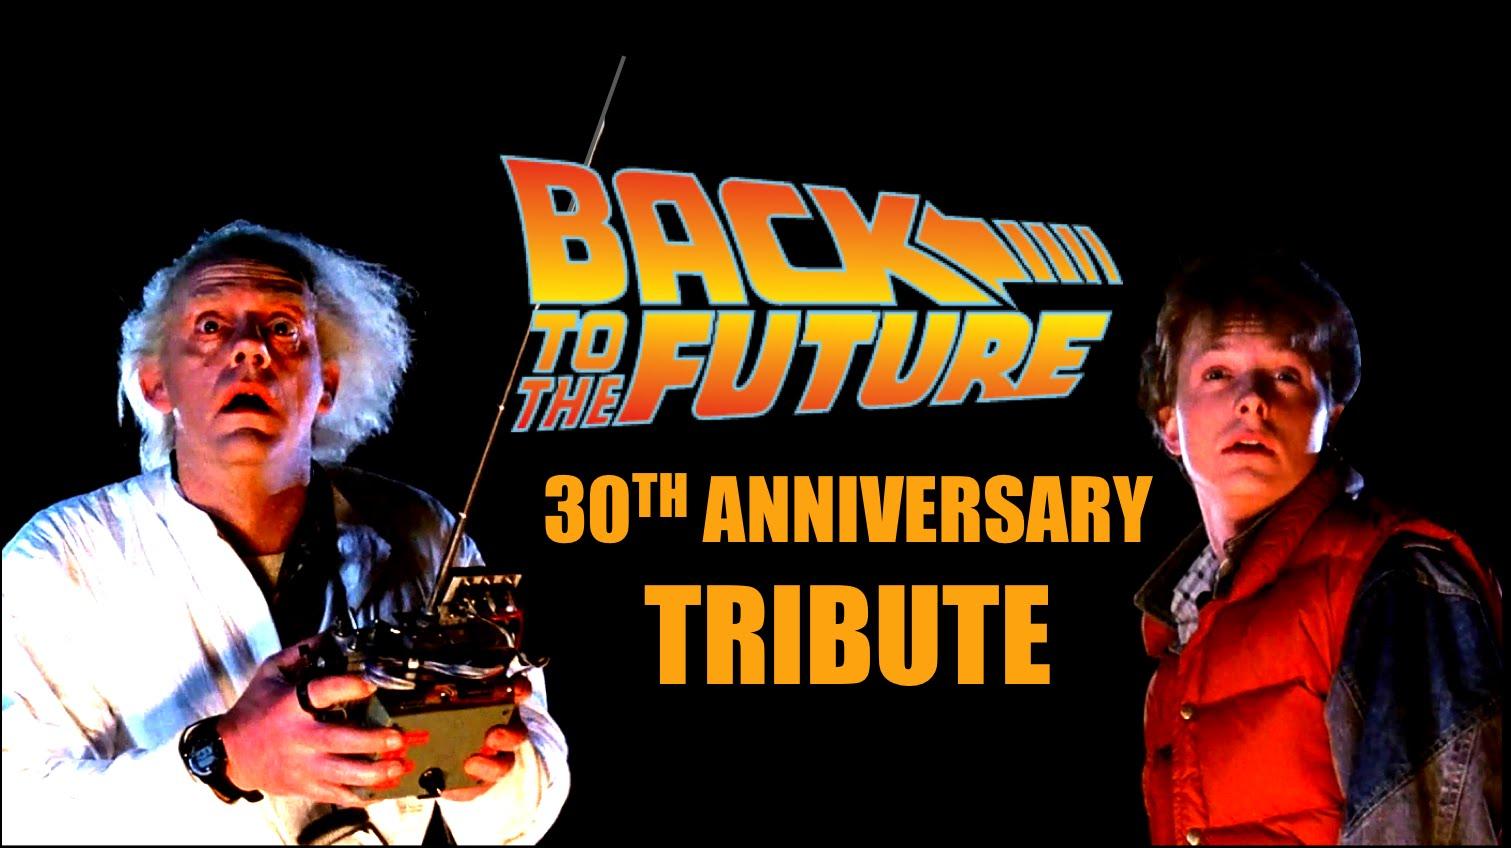 今年是經典科幻電影《回到未來》上映30週年 在回味這部名著的同時,全世界也吹起一股80年代的復古風潮